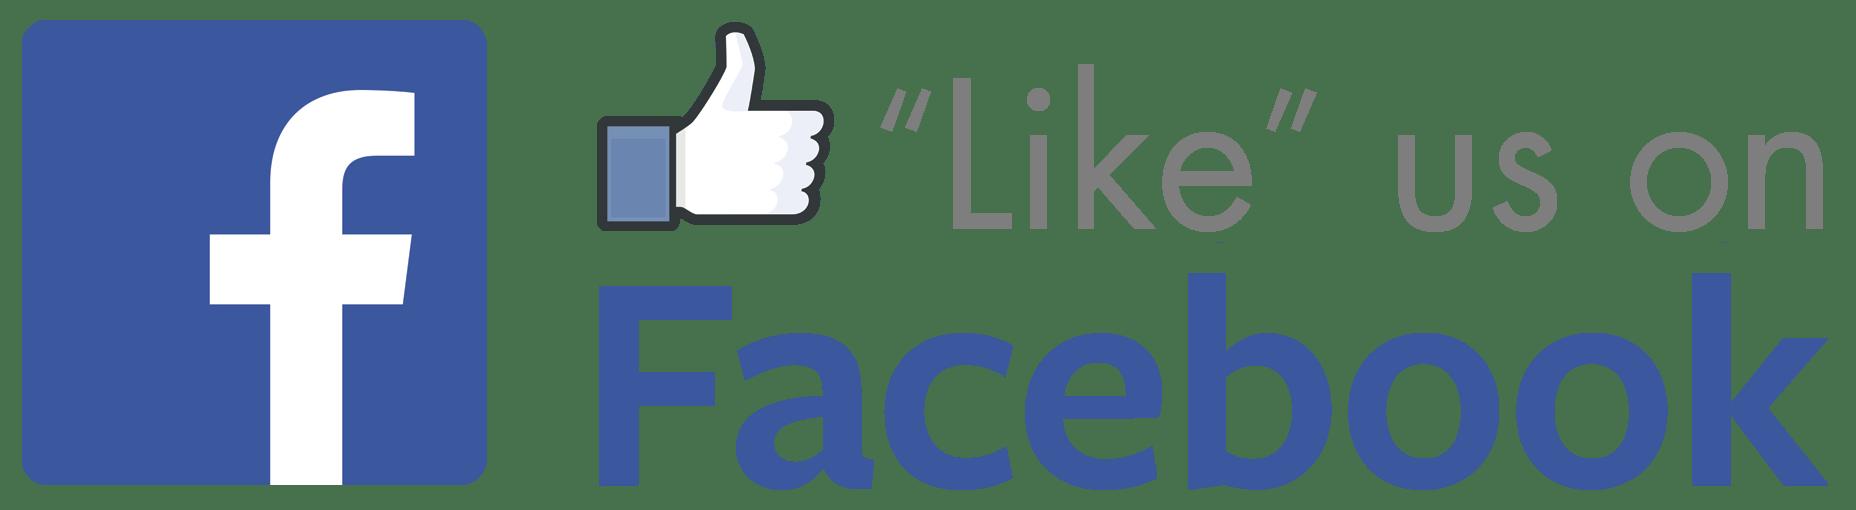 スリーネクスト Facebook